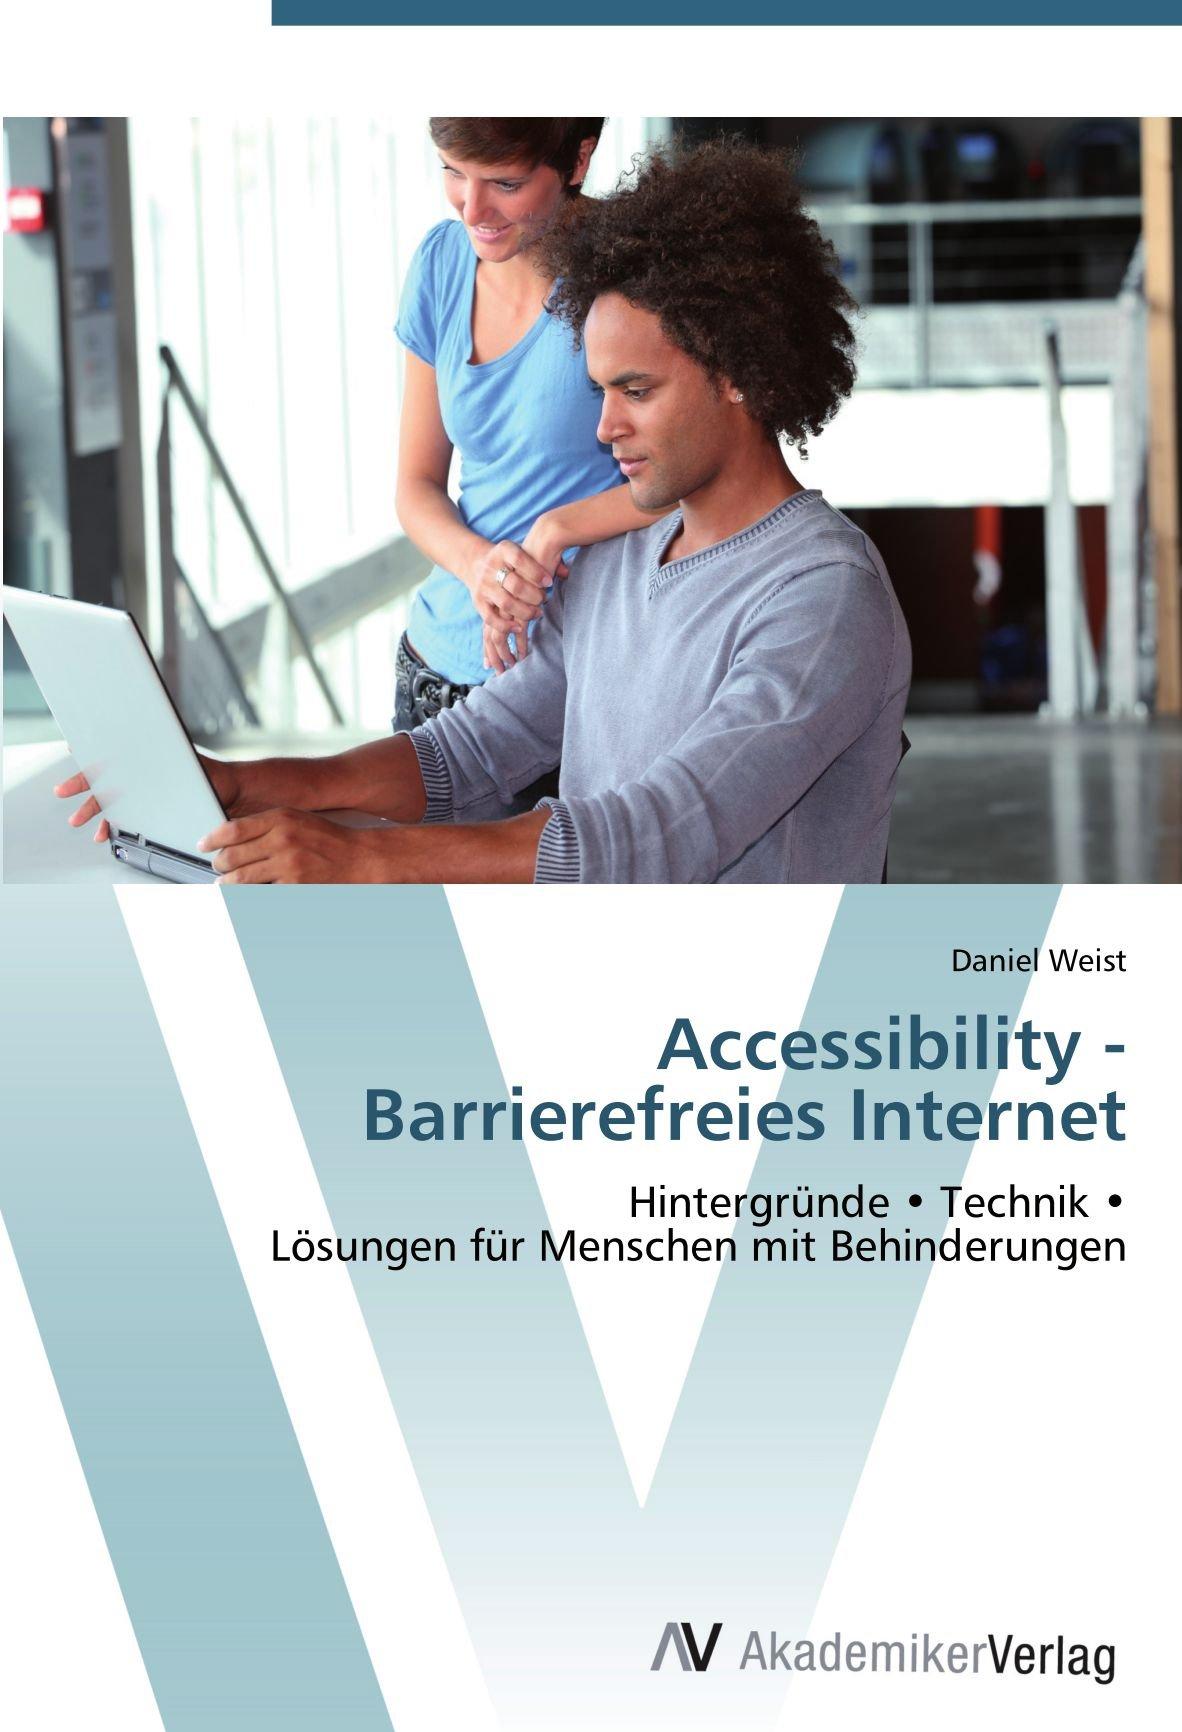 Accessibility -  Barrierefreies Internet: Hintergründe • Technik •  Lösungen für Menschen mit Behinderungen (German Edition) PDF